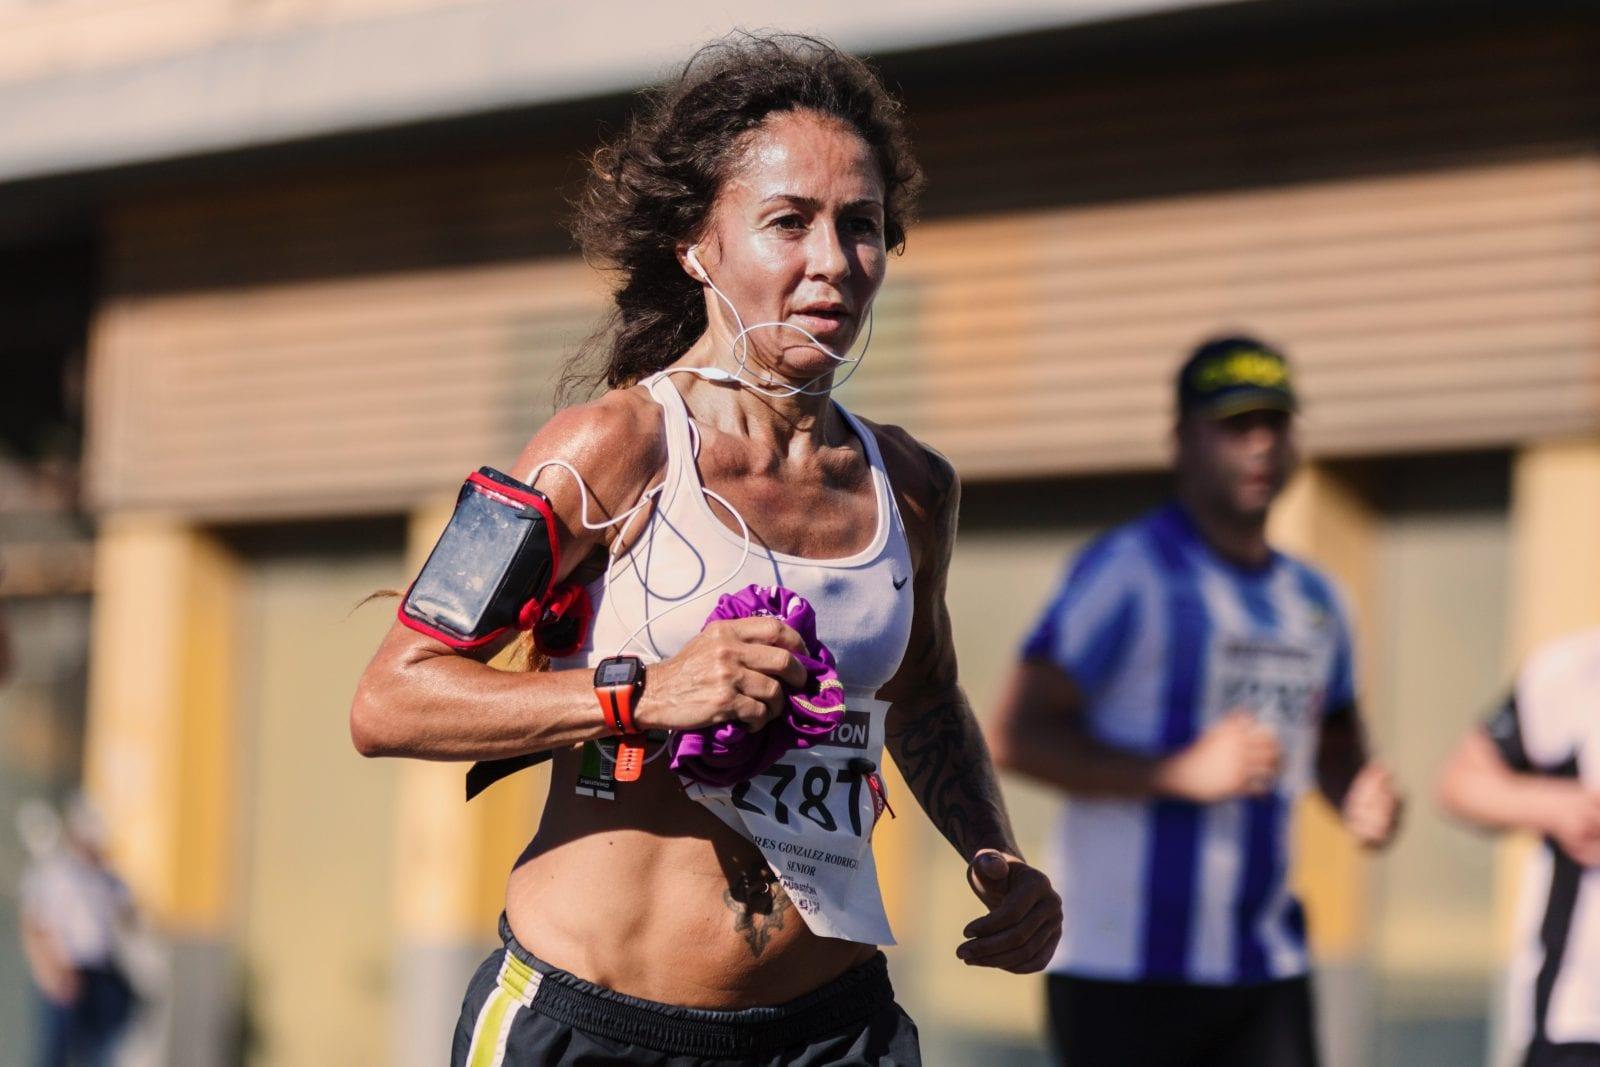 ¡Corriendo por salud! imagen